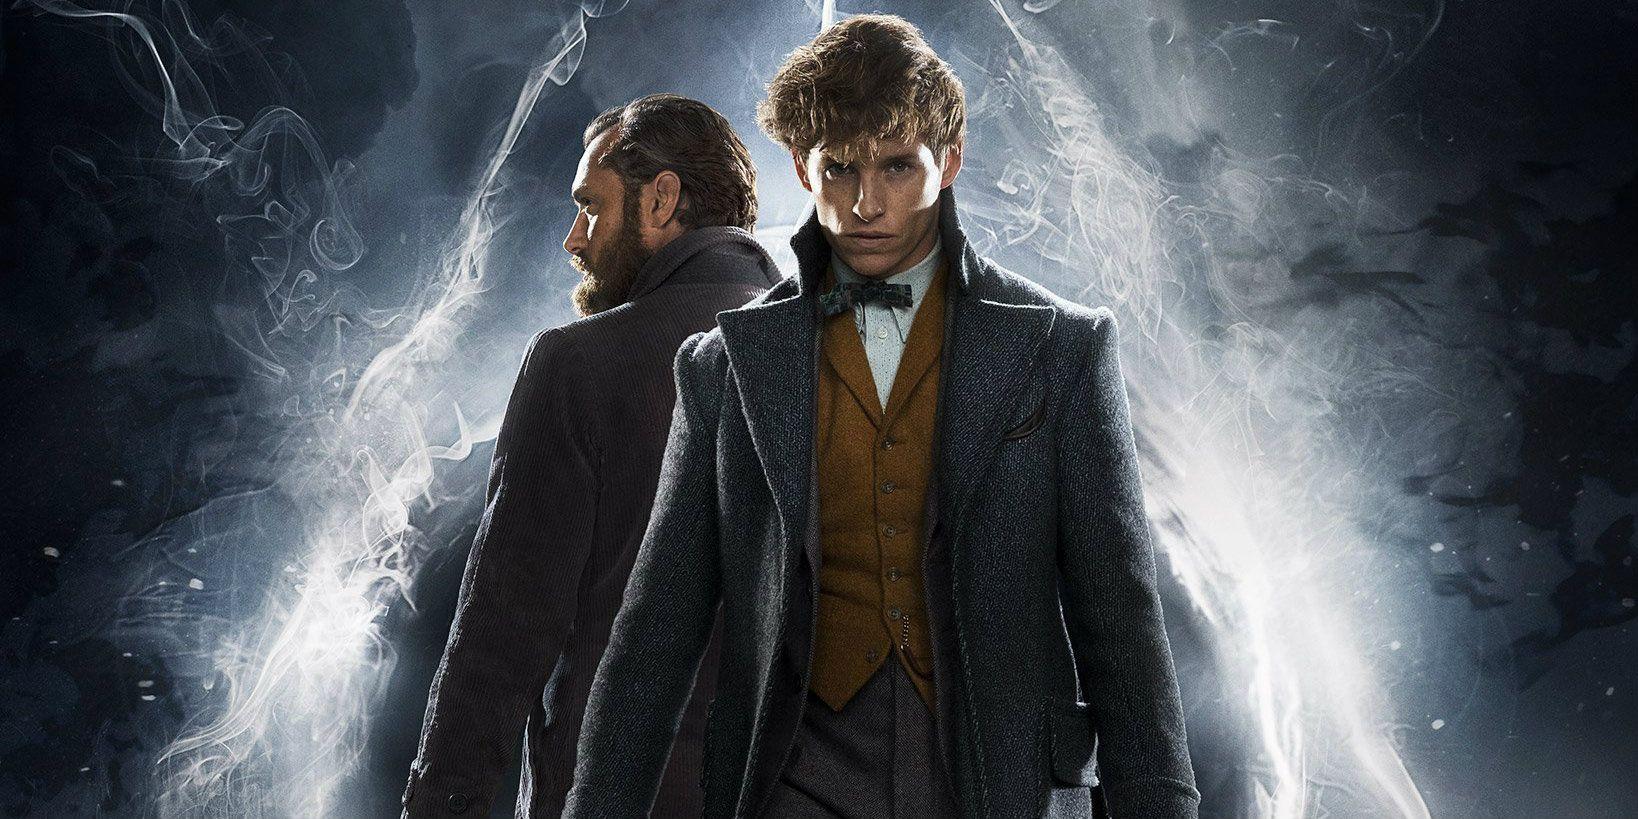 Fantastic Beasts 2 Trailer & Poster Return to Hogwarts